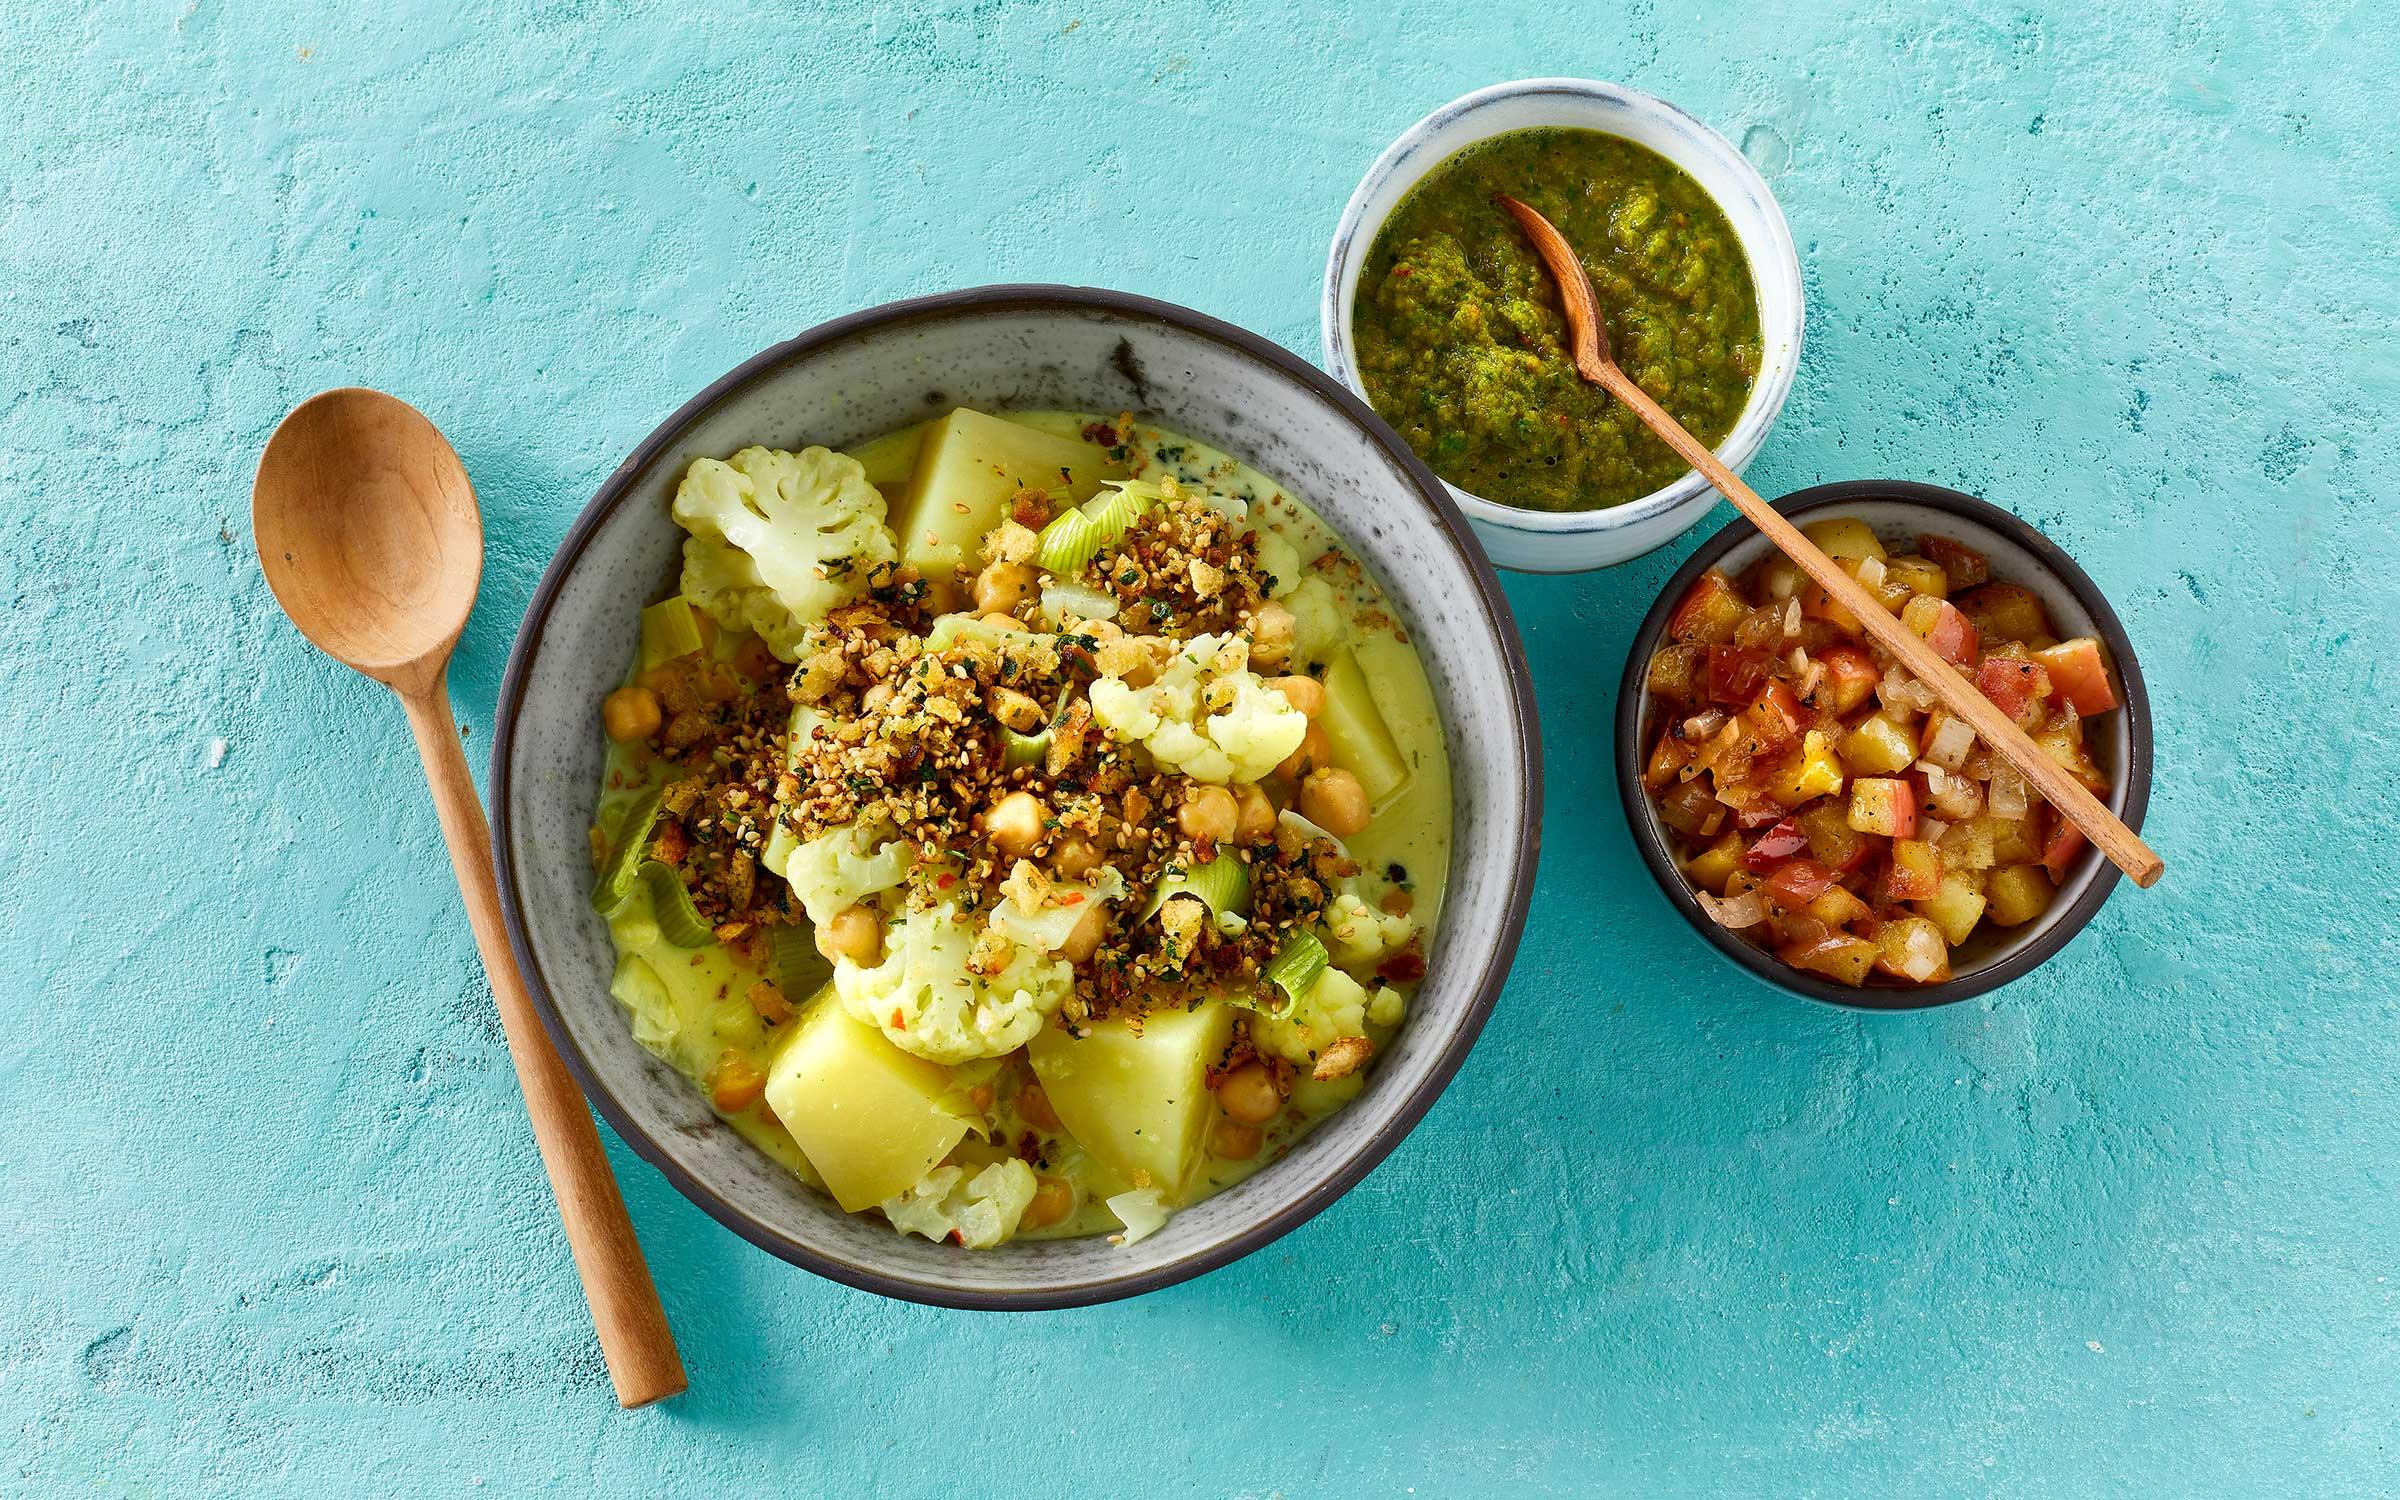 Blomkål i green curry i skål